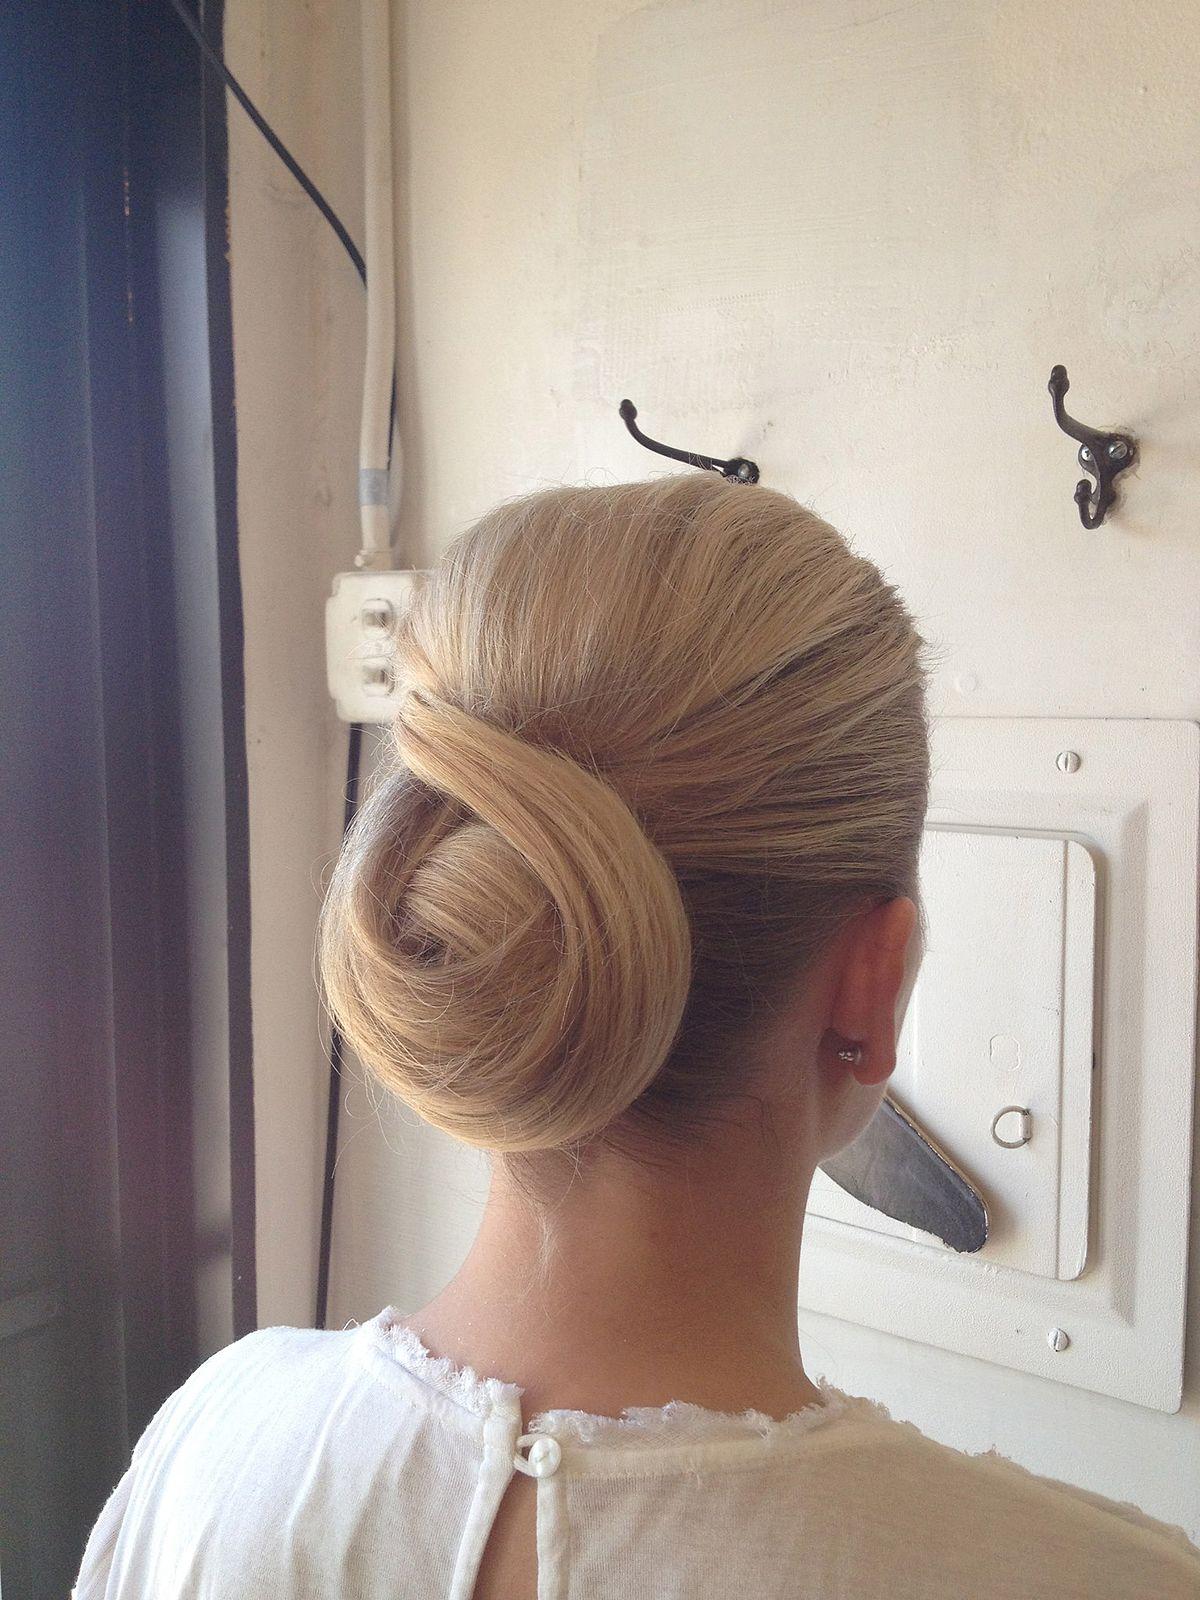 Chignon Hairstyle Wikipedia